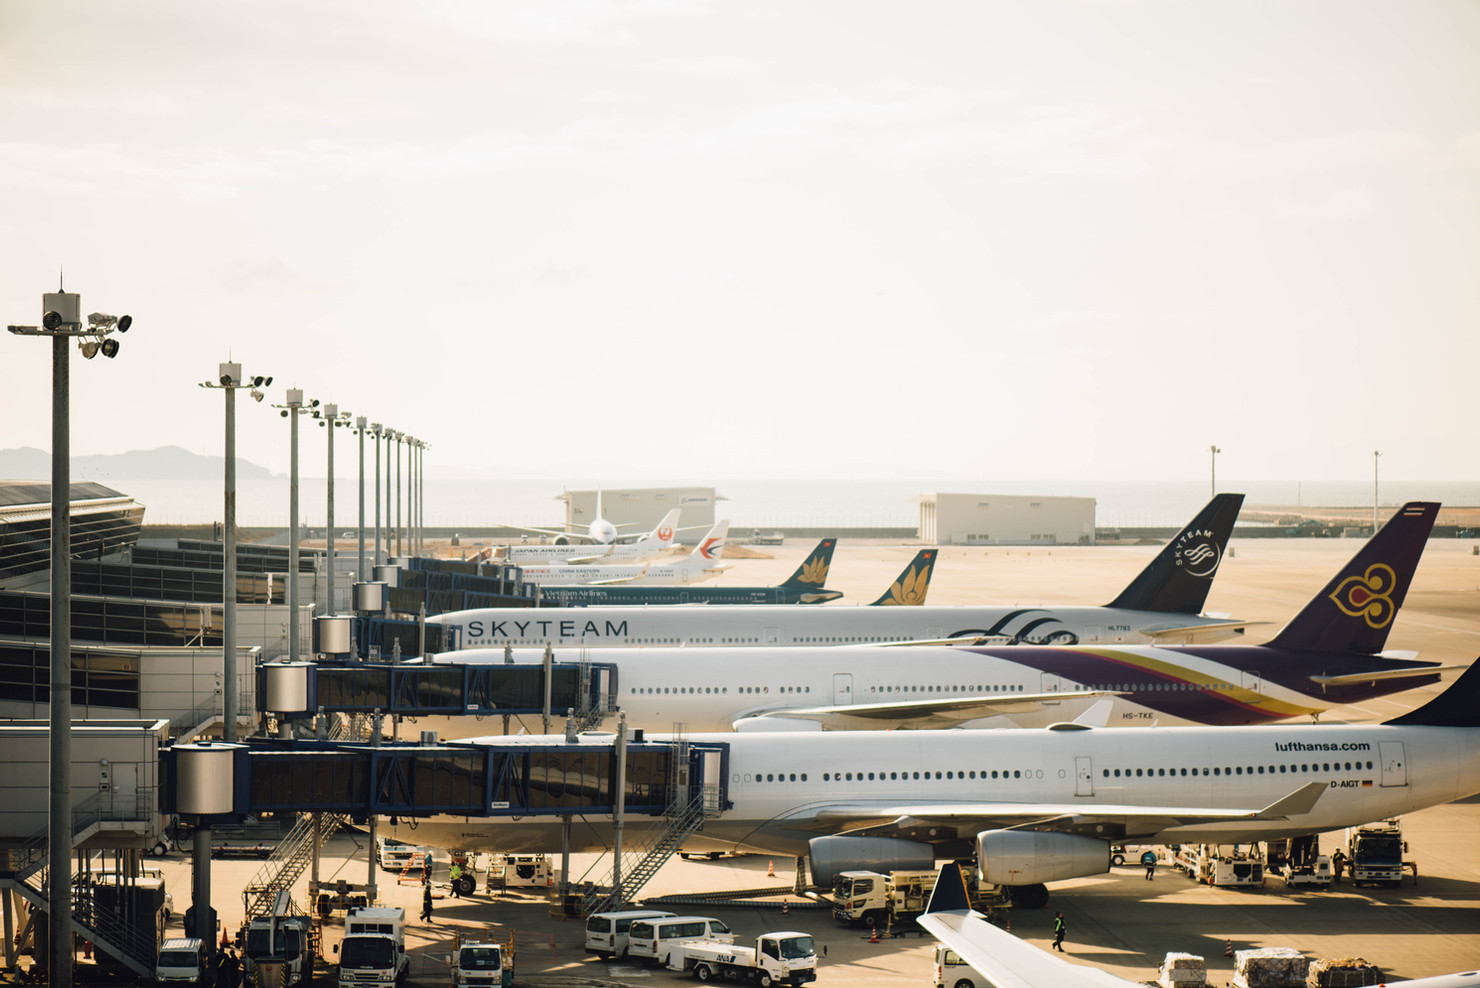 Les droits des passagers aériens en cas de retard, d'annulation d'un vol, ou de refus d'embarquement